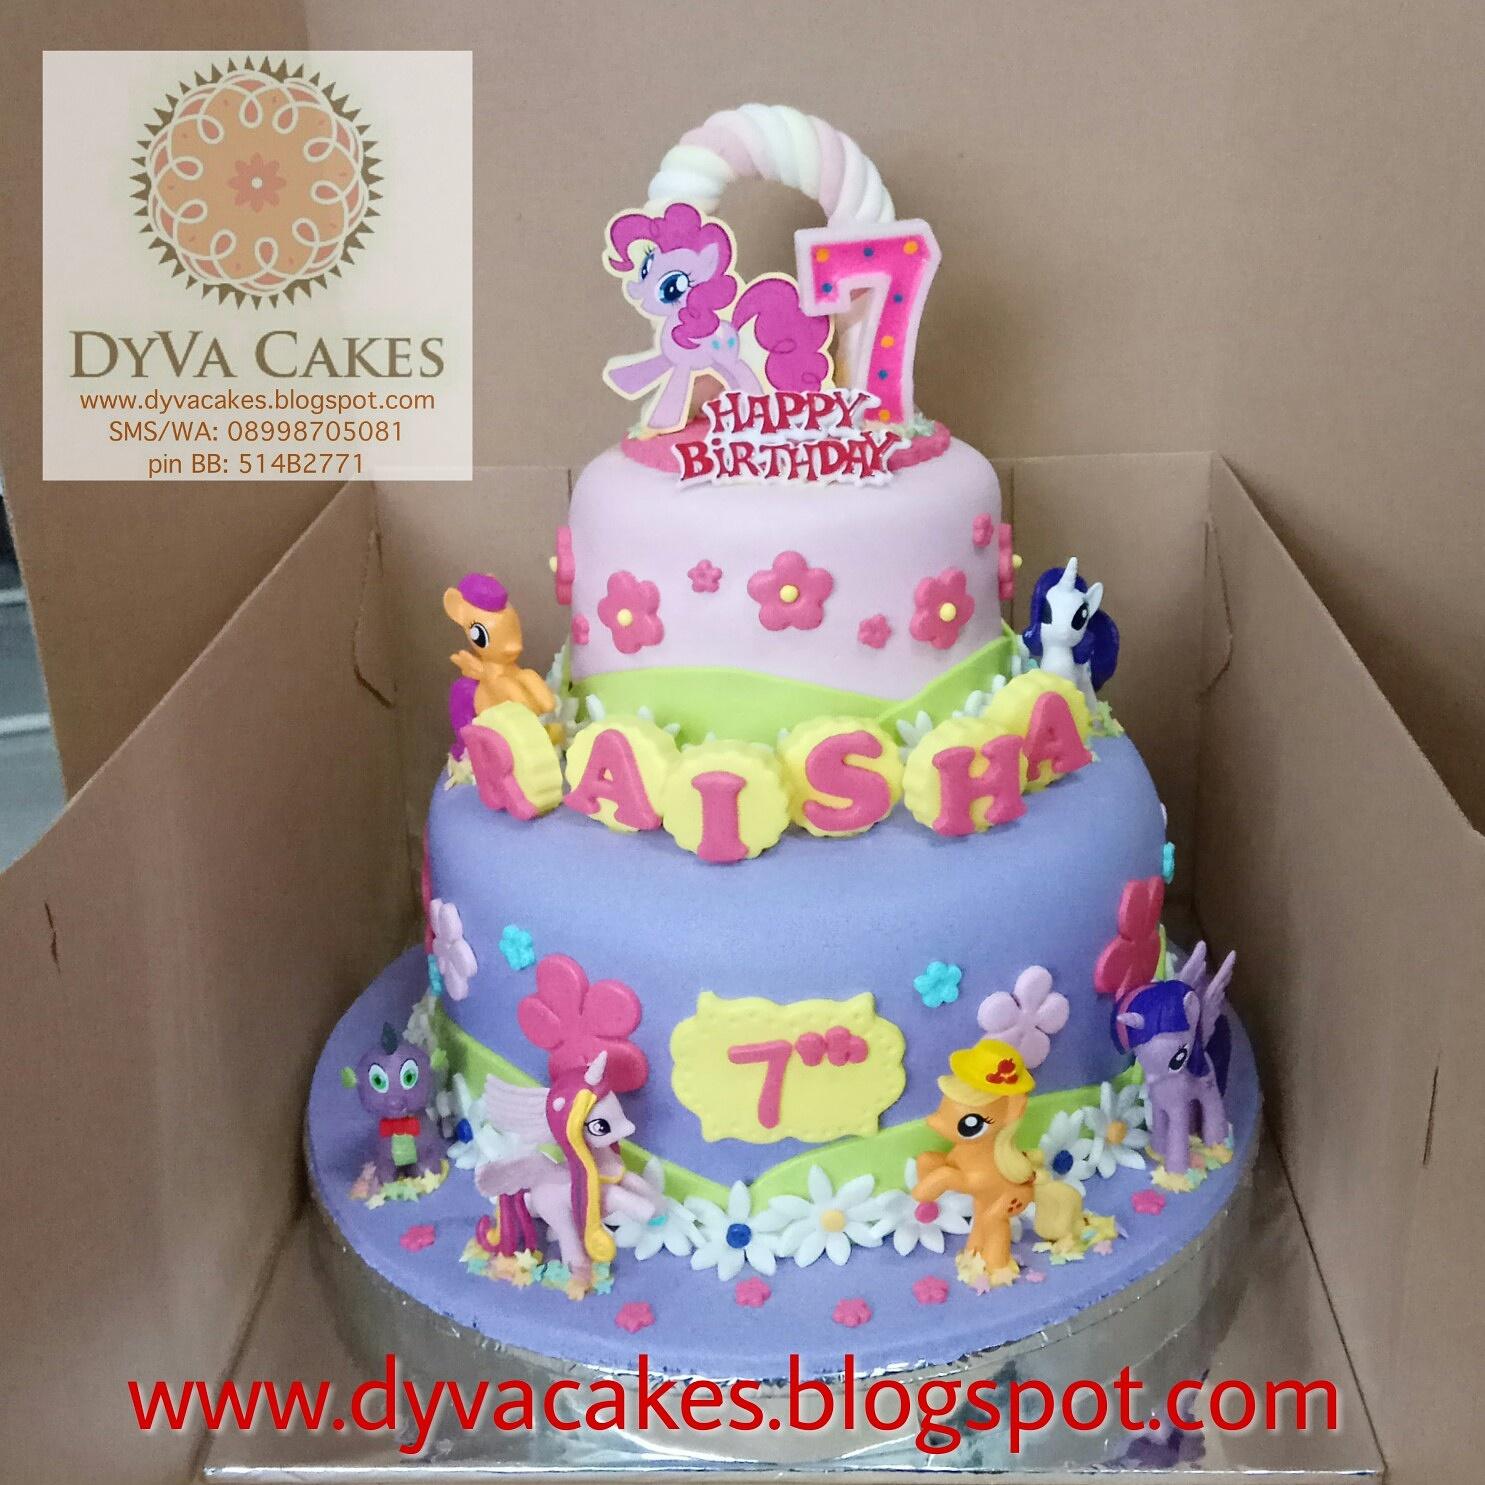 Dyva Cakes My Little Pony Birthday Cake